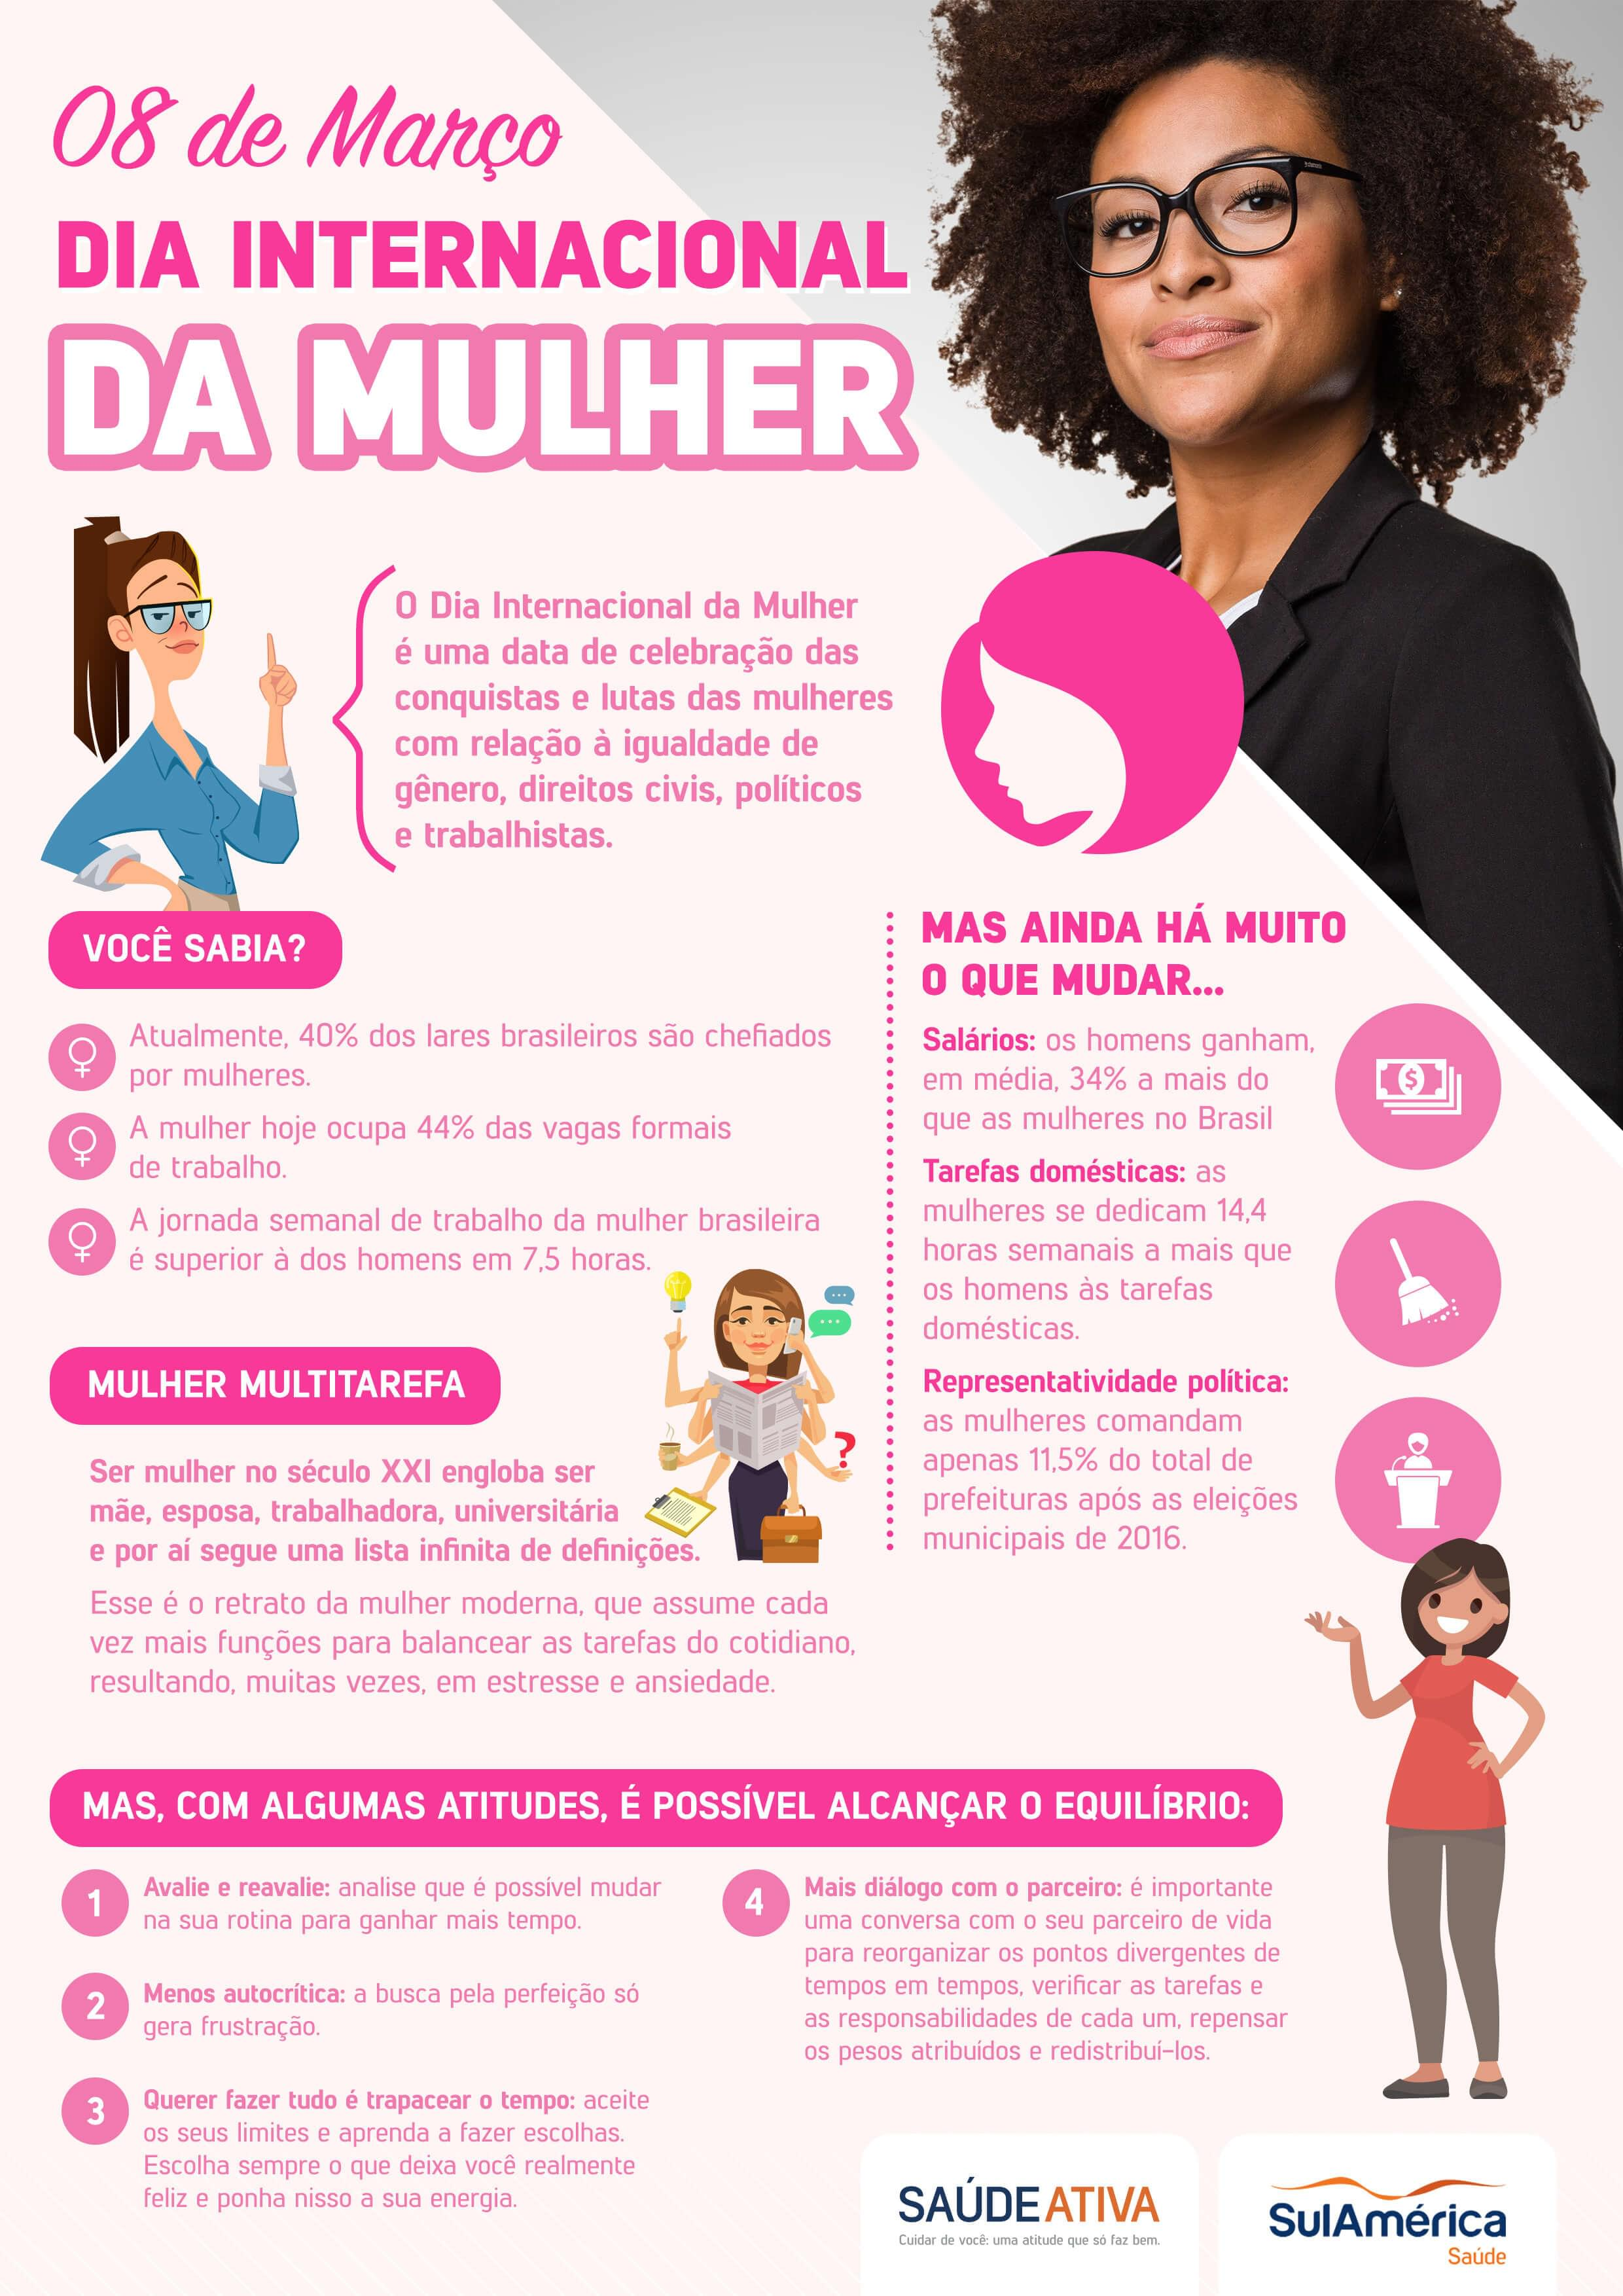 Info_SulAmerica_DiaInternacionalMulher3